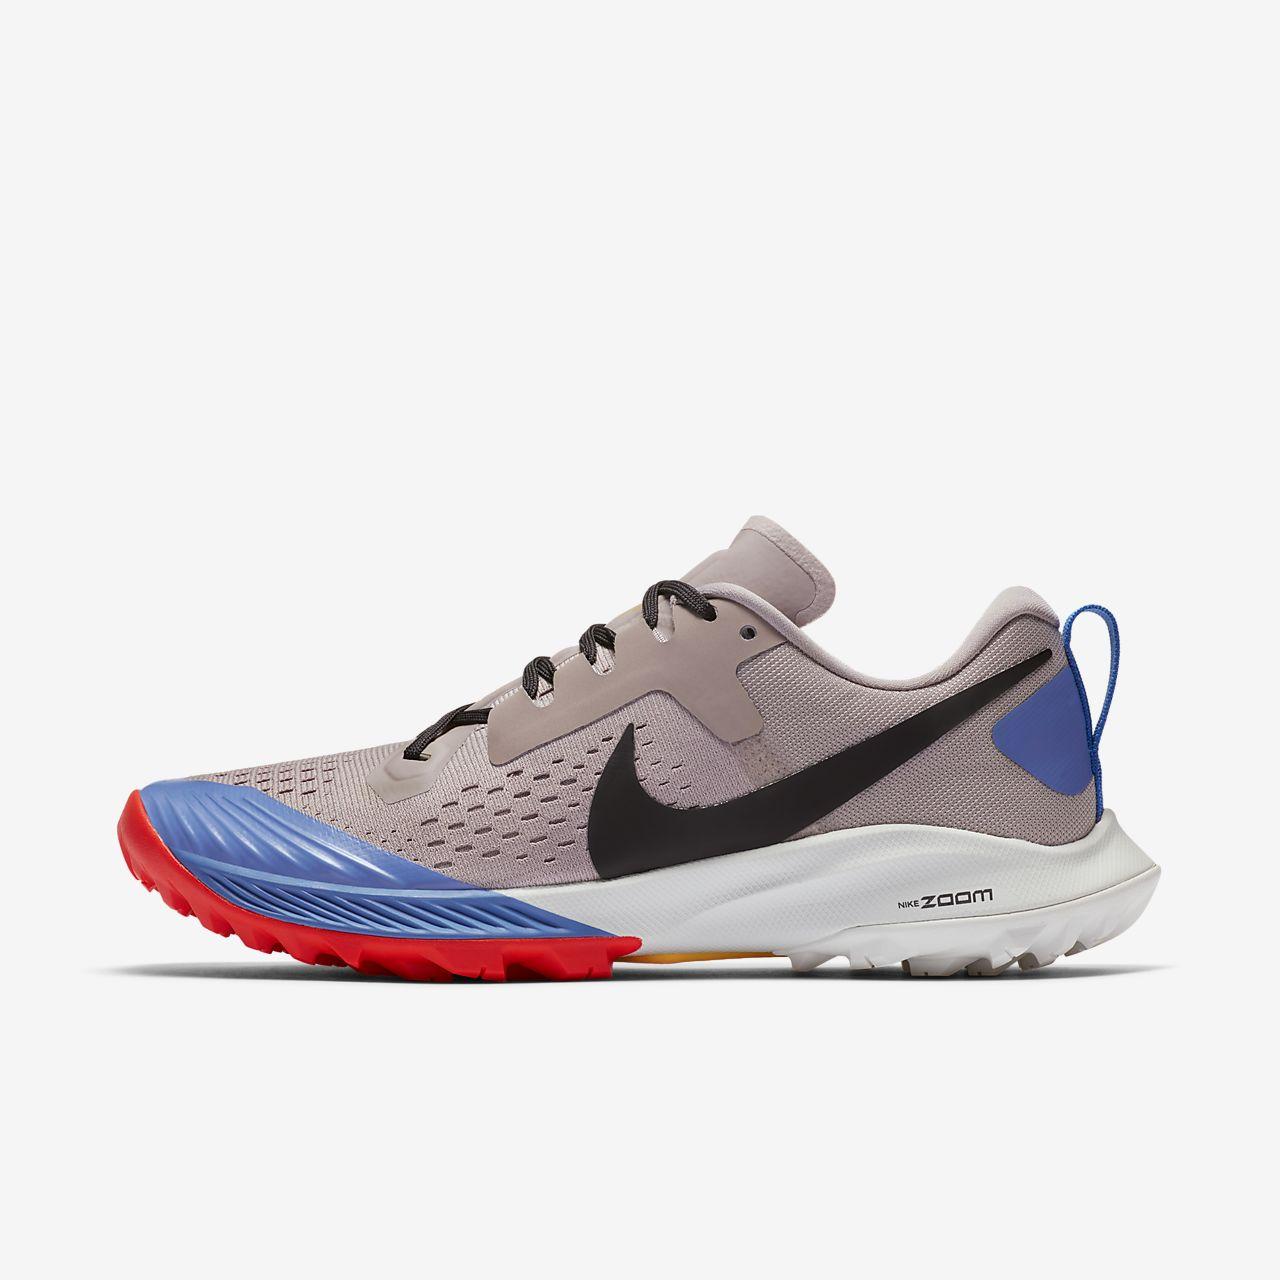 Nike Air Zoom Terra Kiger 5 Trailrunning